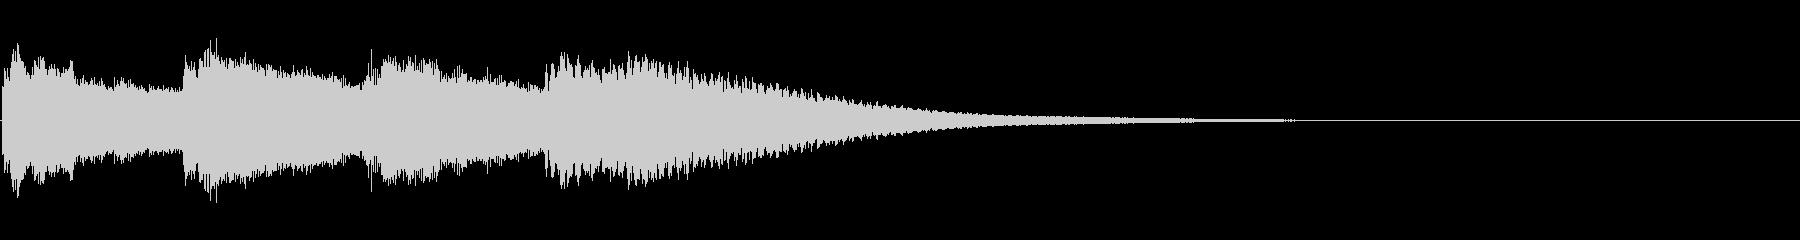 キンコンカンコン/学校のチャイムの未再生の波形